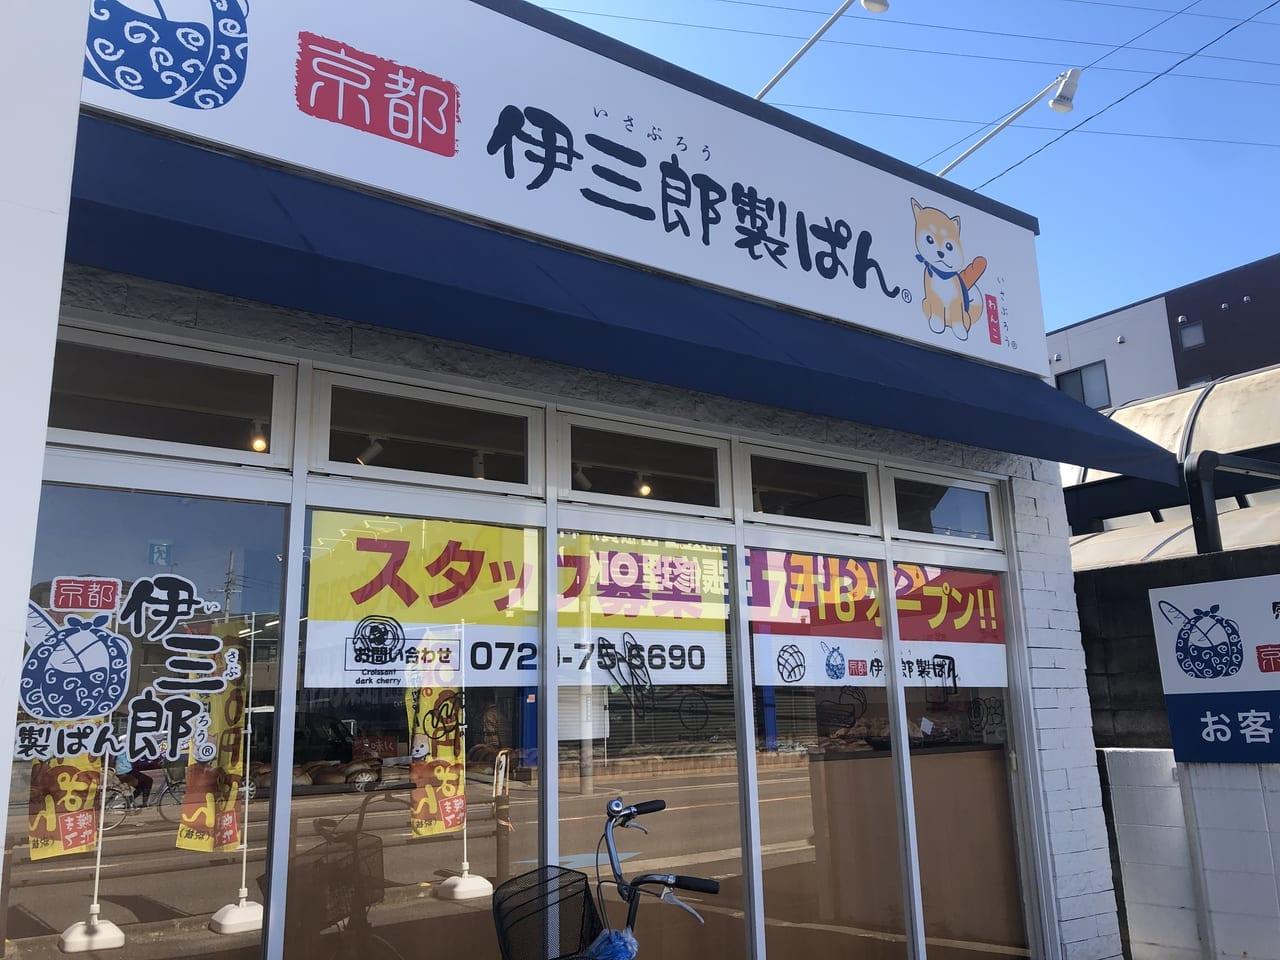 伊三郎製パン八尾店オープン!